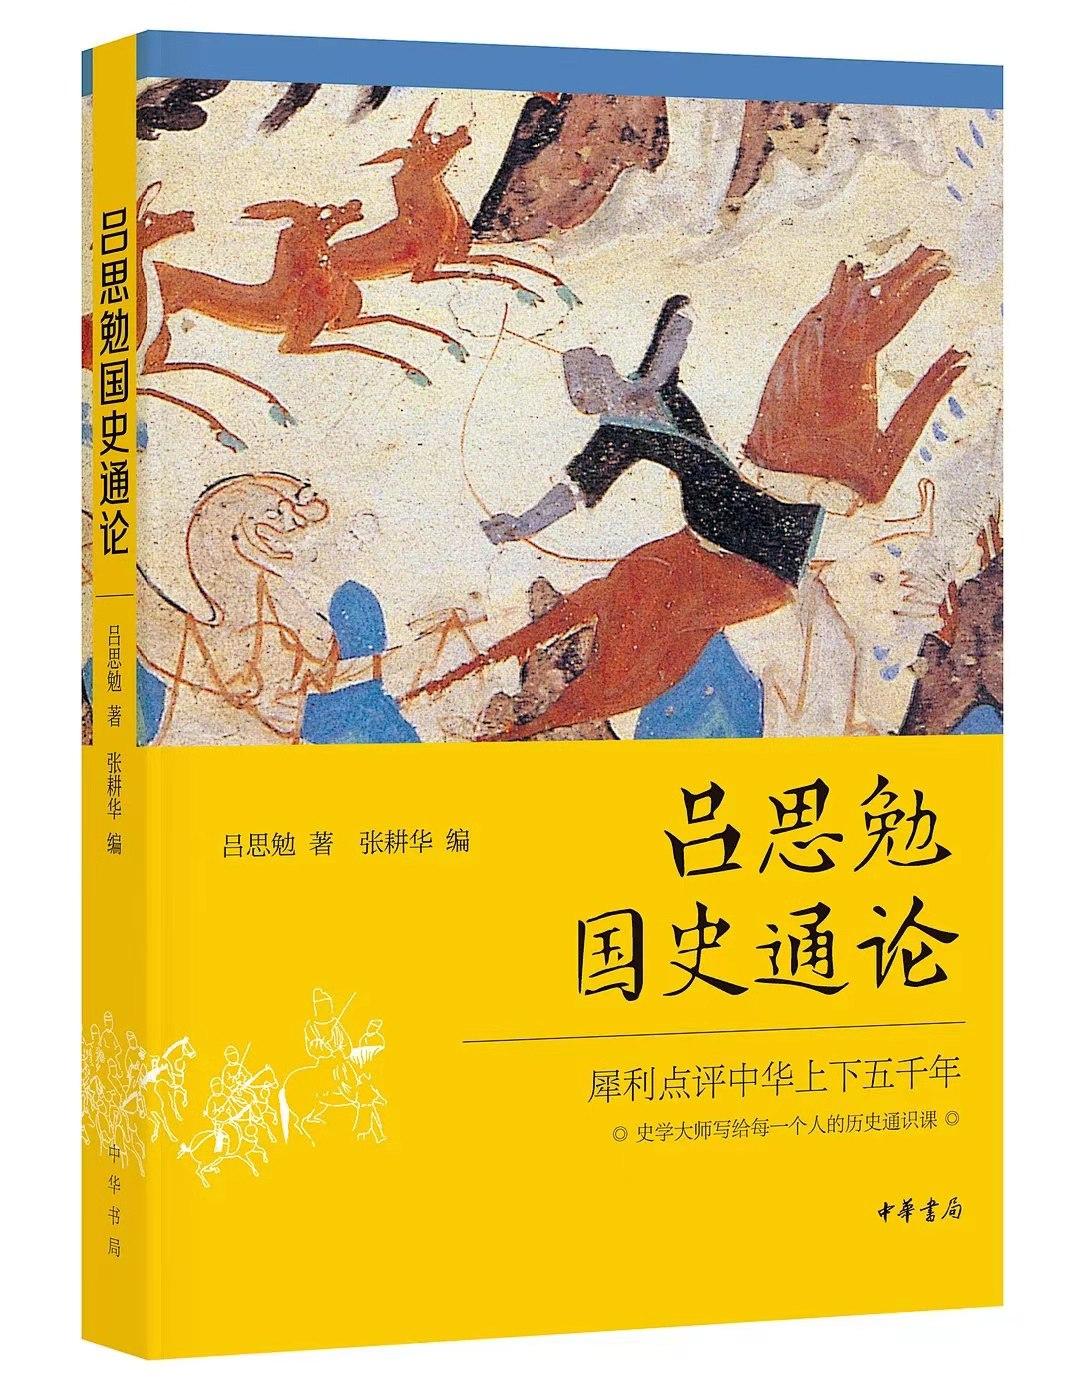 《吕思勉国史通论》,吕思勉著,张耕华编,中华书局,2021年7月版,32.00元